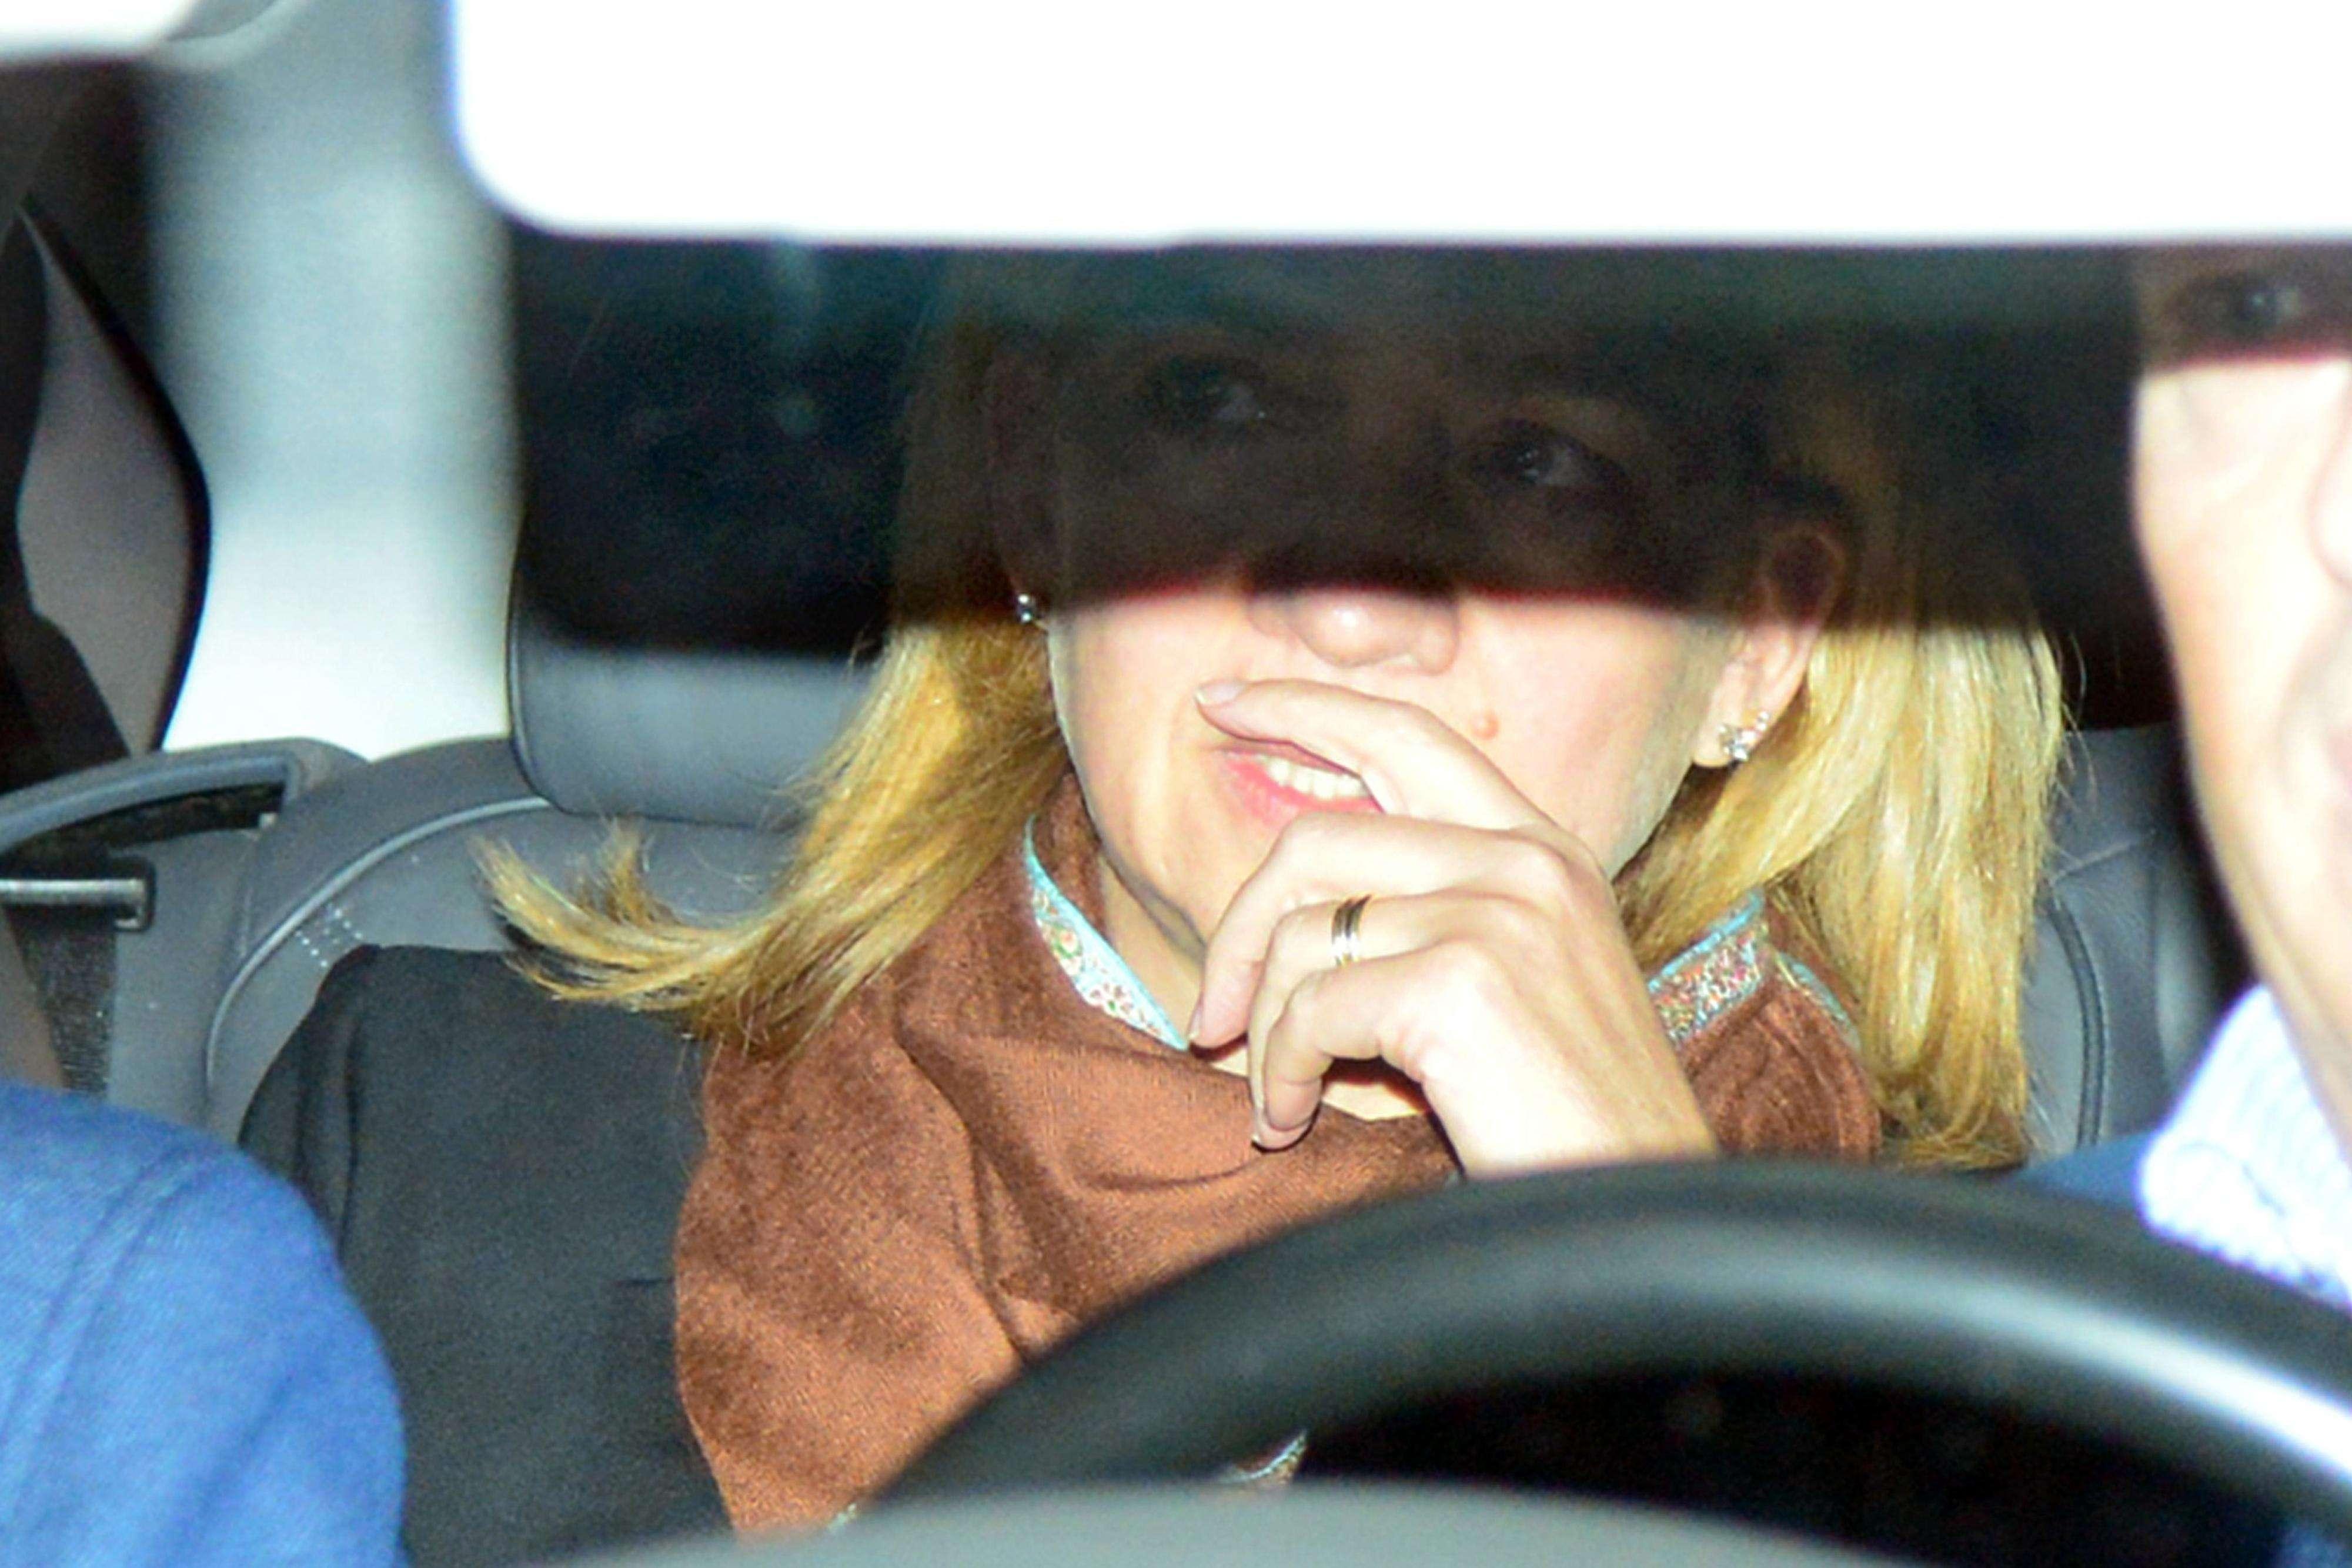 La infanta Cristina y su marido, Iñaki Urdangarin, viajaron este lunes a Barcelona, donde estuvieron reunidos con sus abogados. Después, el duque de Palma abandonó la ciudad condal desde el aeropuerto del Prat, hasta donde fue escoltado por la Guardia Civil. Allí, accedió al avión en una escalerilla distinta al resto de pasajeros. Foto: Gtres